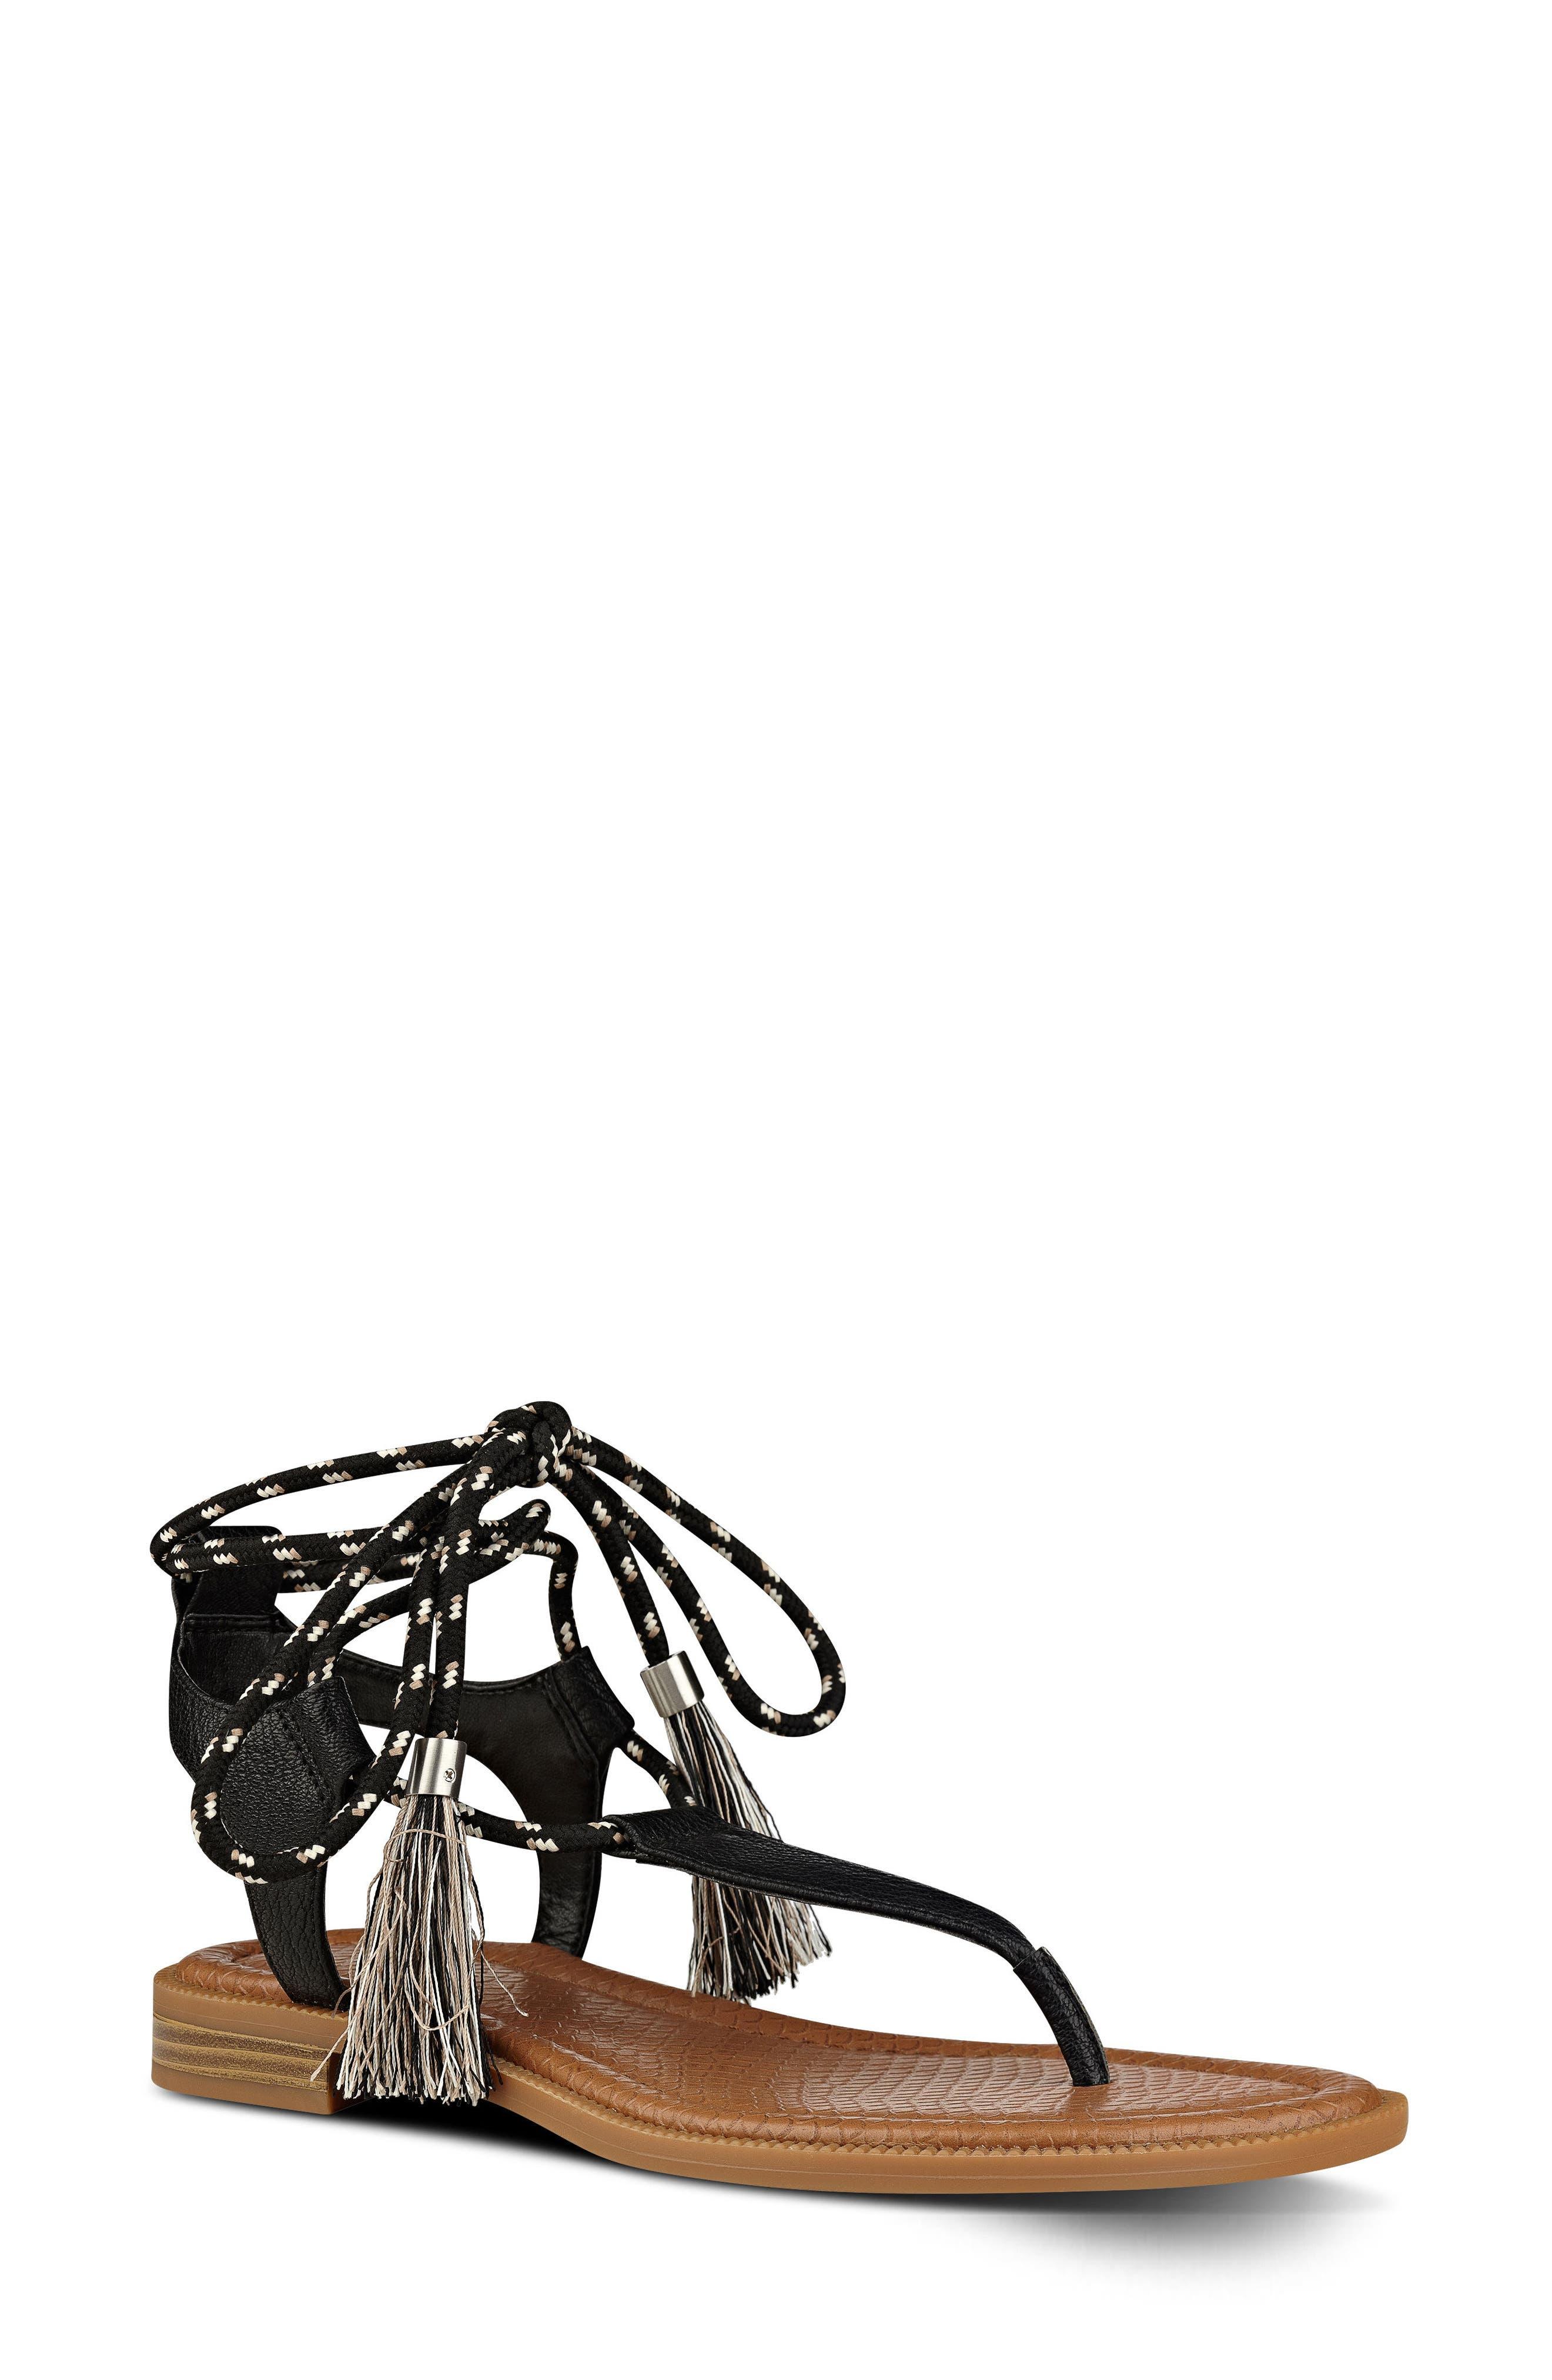 Nine West Gannon Sandals gCVE26